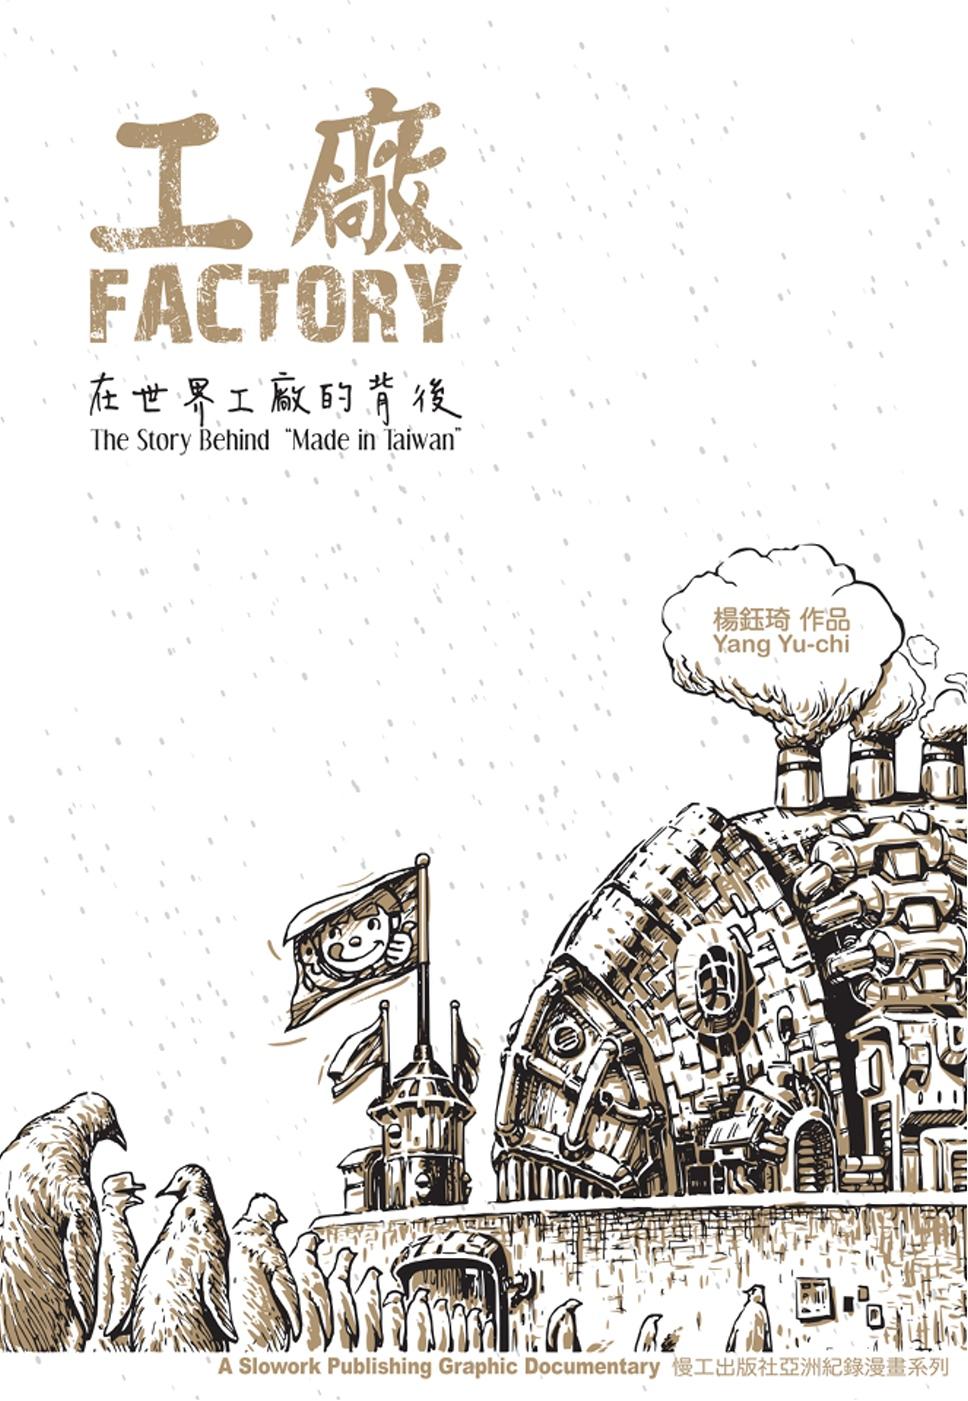 工廠:在世界工廠的背後